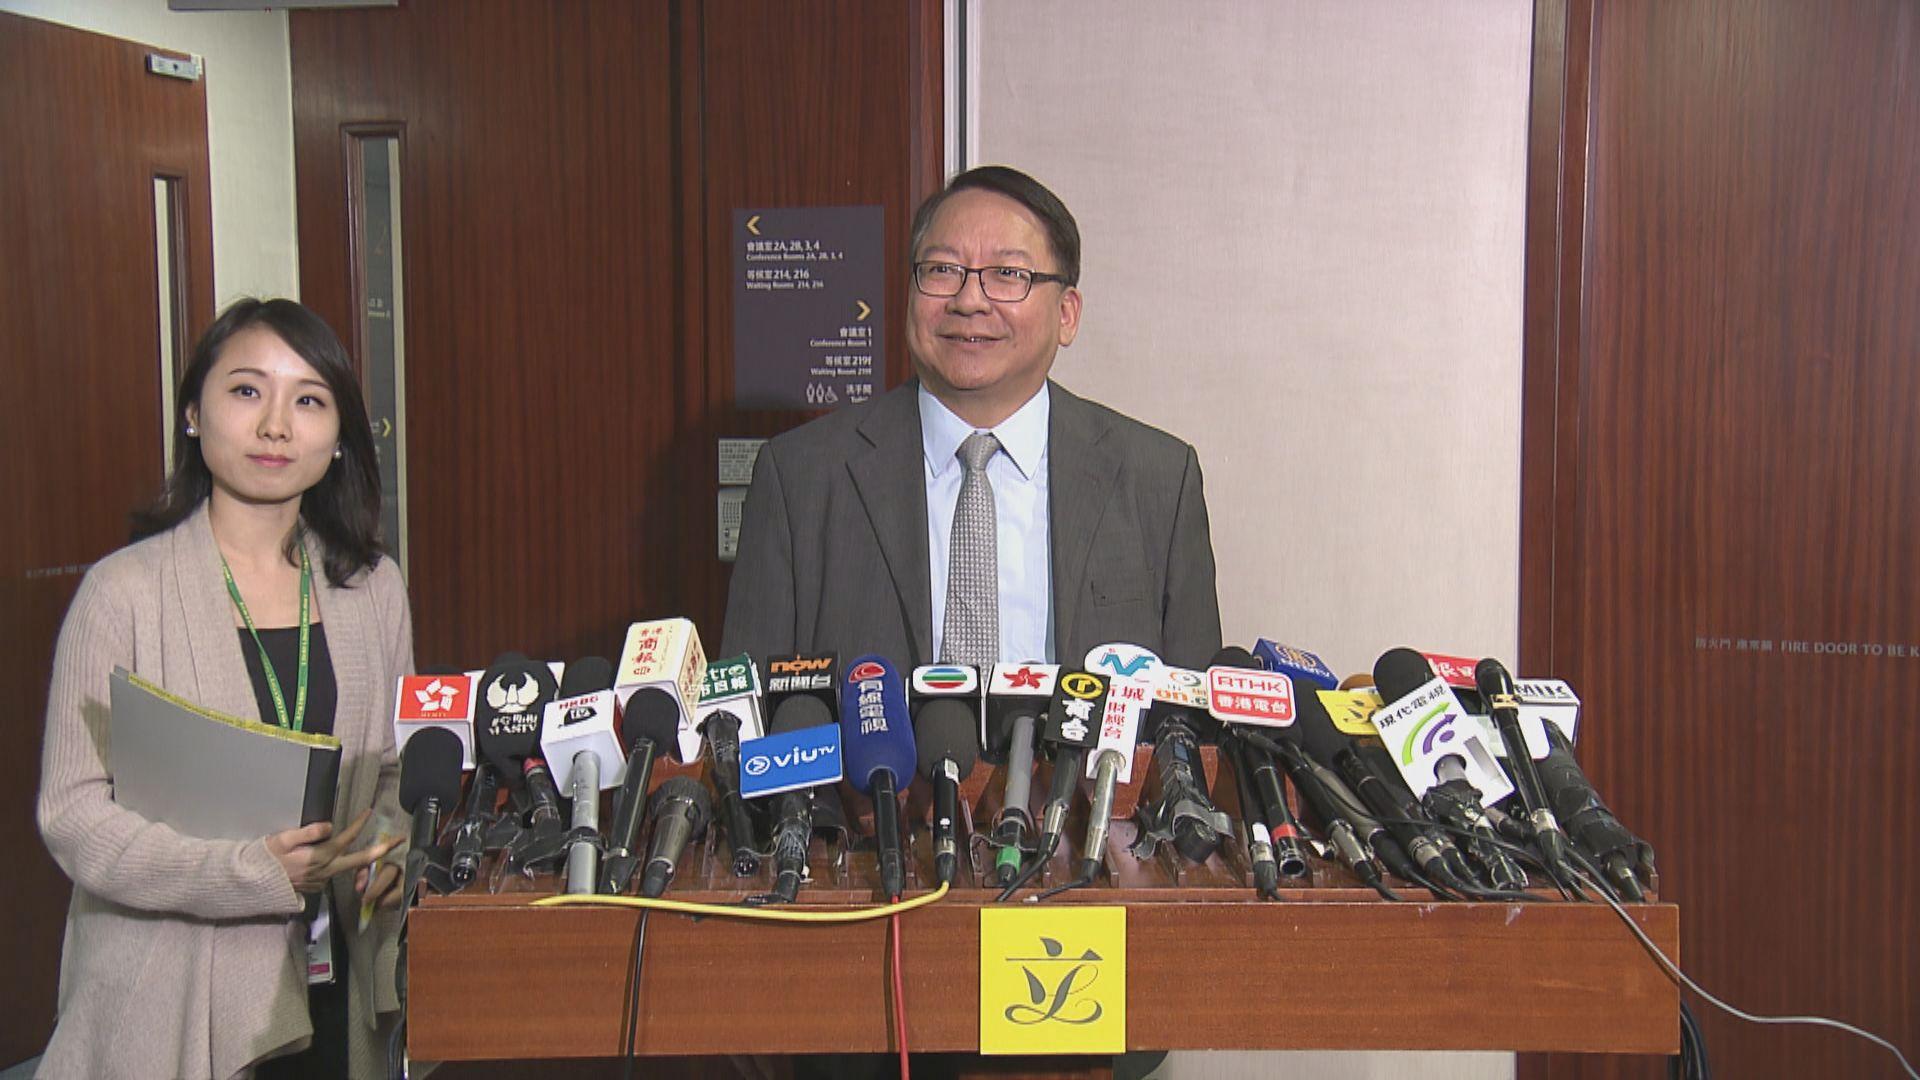 陳國基:若三隧分流議案遭否決不會繼續爭取